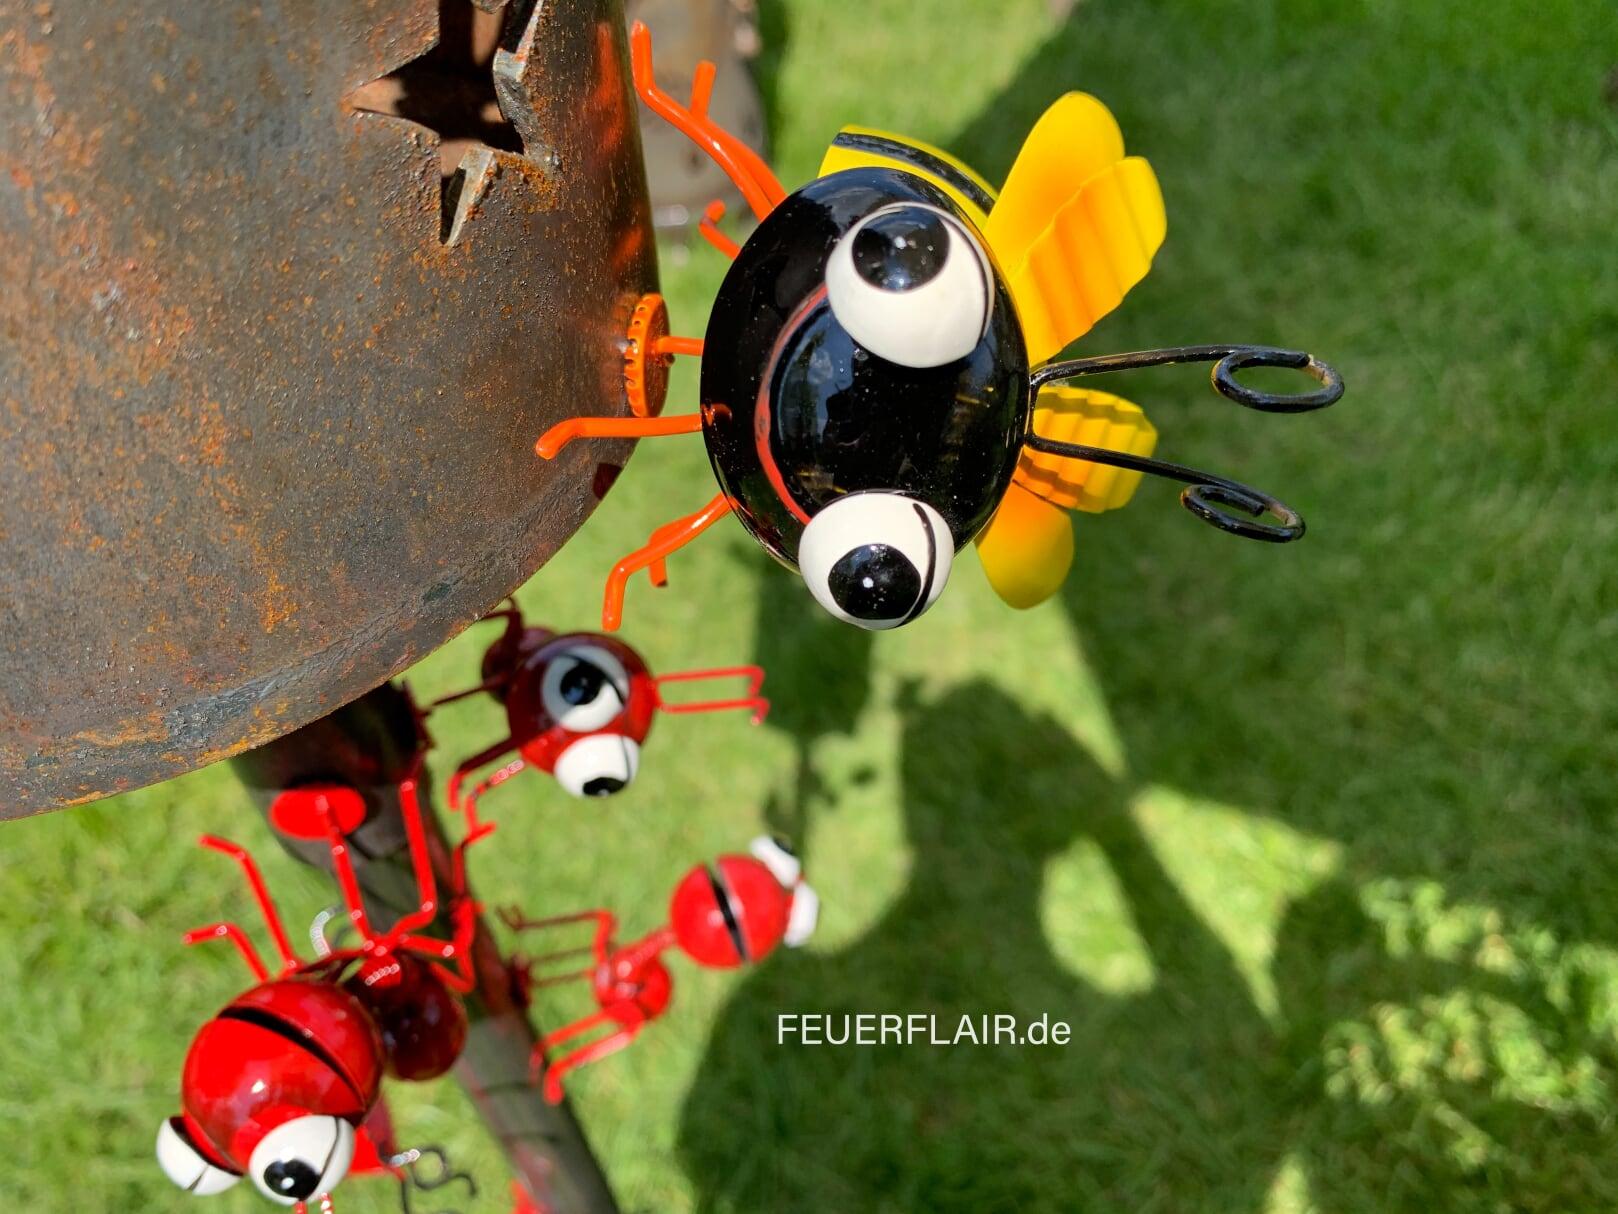 Biene Aus Metall Mit Magnet Feuerflair Online Shop